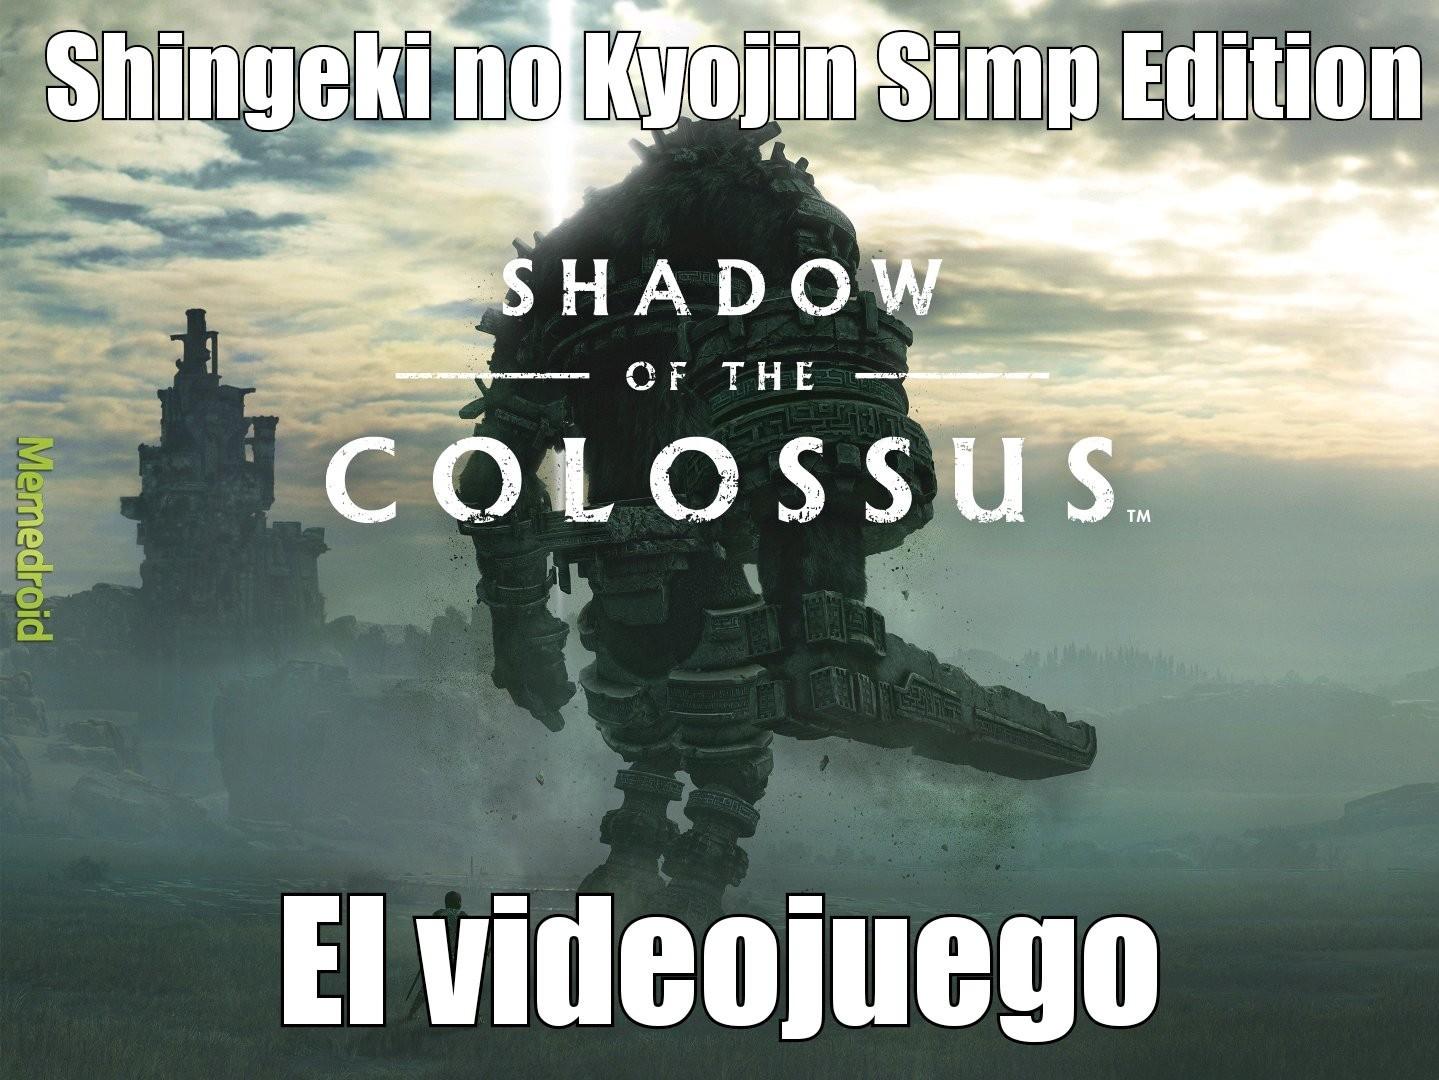 Los que comprendan la historia del videojuego entenderán xDDD - meme